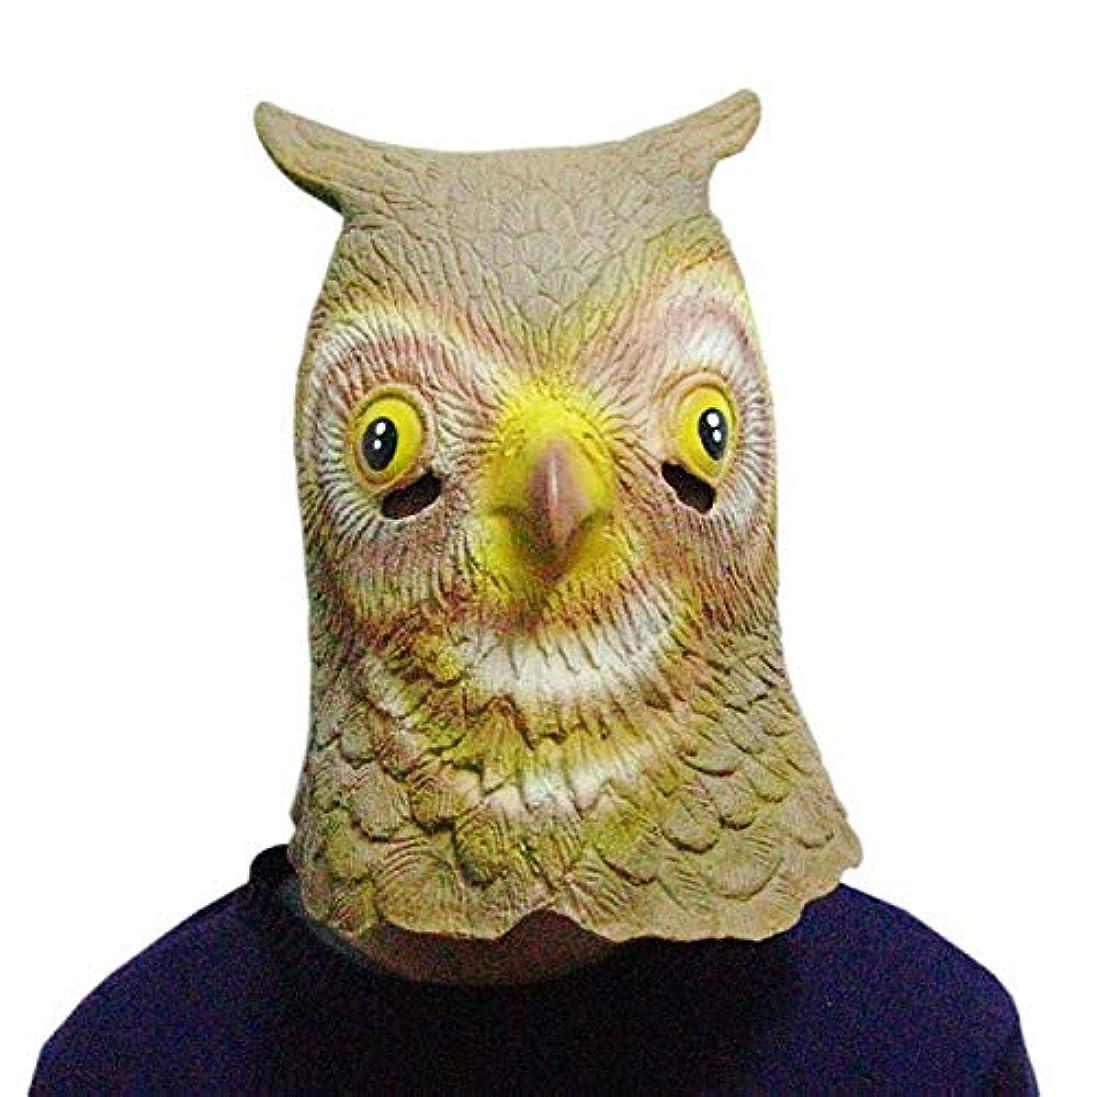 比較的前置詞閲覧するフクロウマスクヘッドカバー動物ヘッドカバーマスクハロウィンカーニバルコスプレパーティーファニーマスク